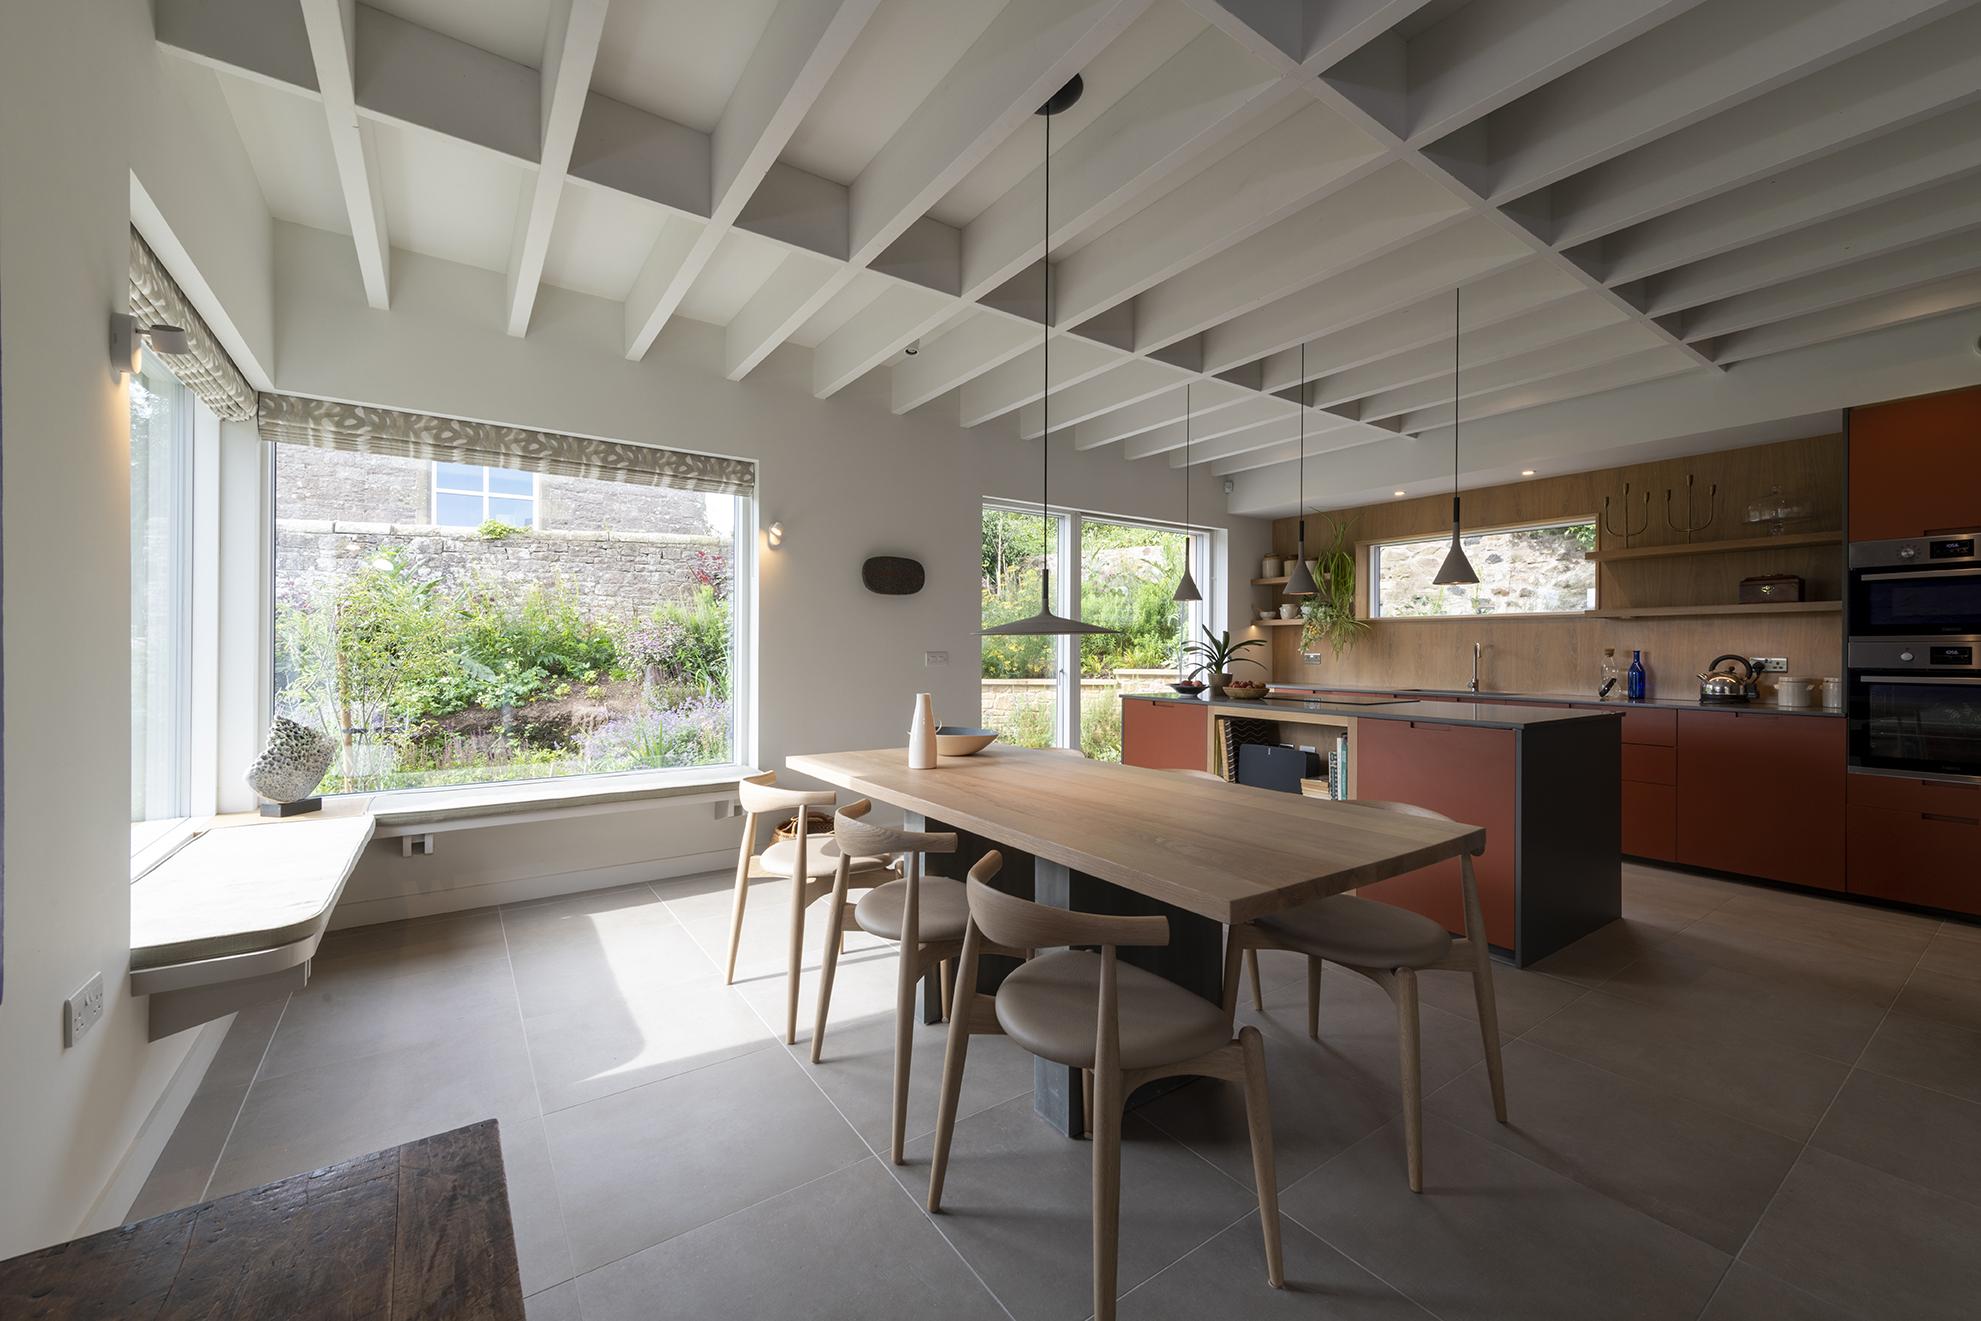 PRIVATE RESIDENCE – ROXBURGH